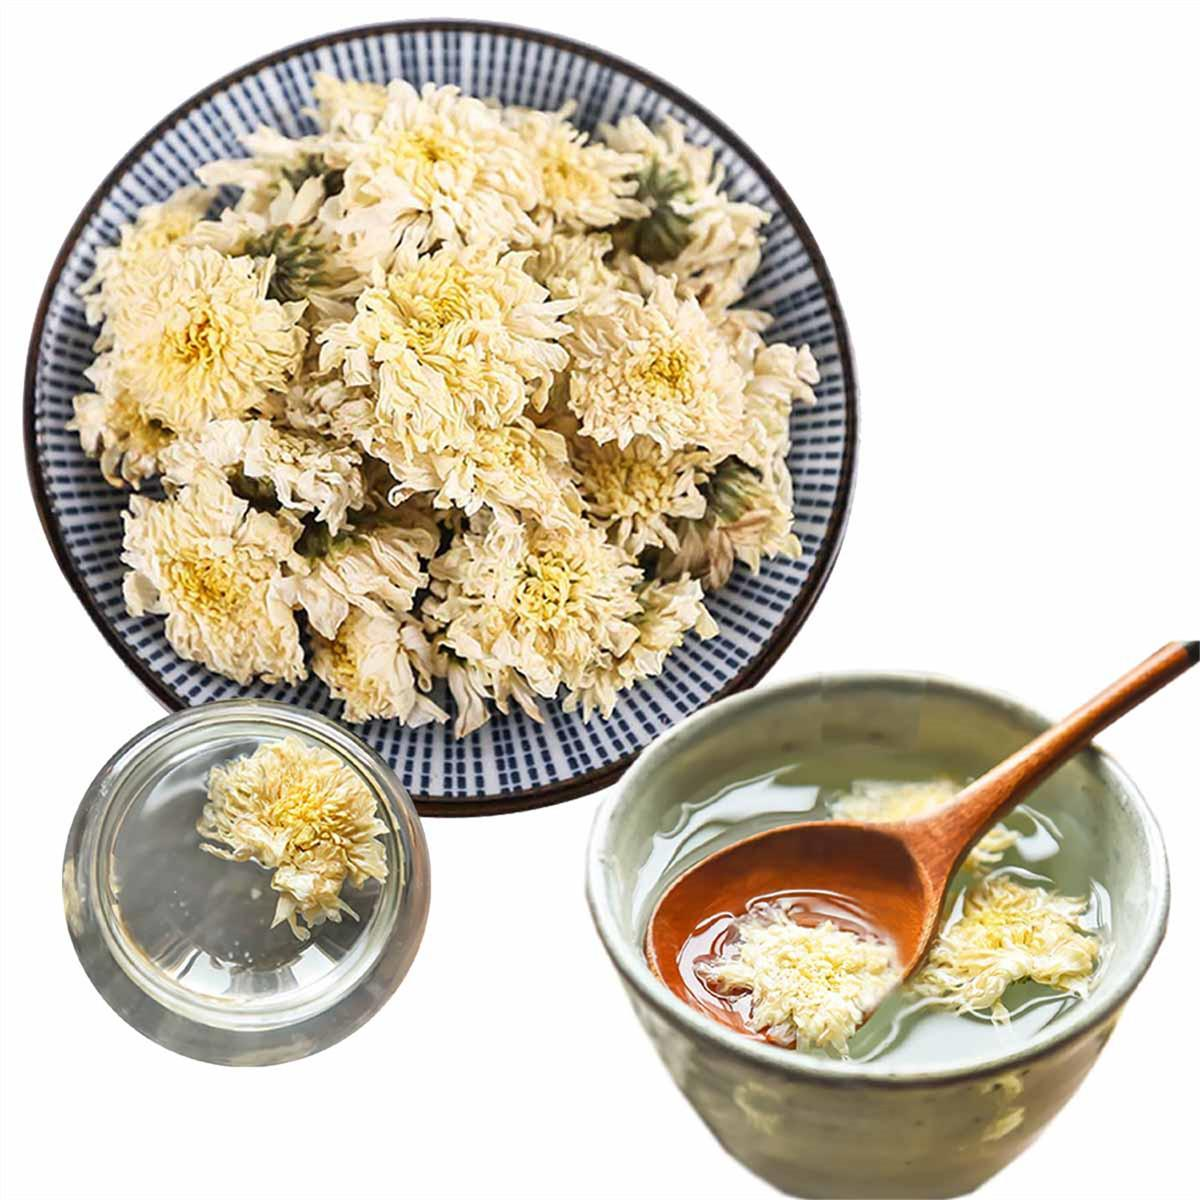 Премиальный Цветочный Чай Белая Хризантема Новый Ароматизированный Чай Здравоохранение Цветы Чай Китай Желтая Горная Хризантема Здоровая Зеленая Пища